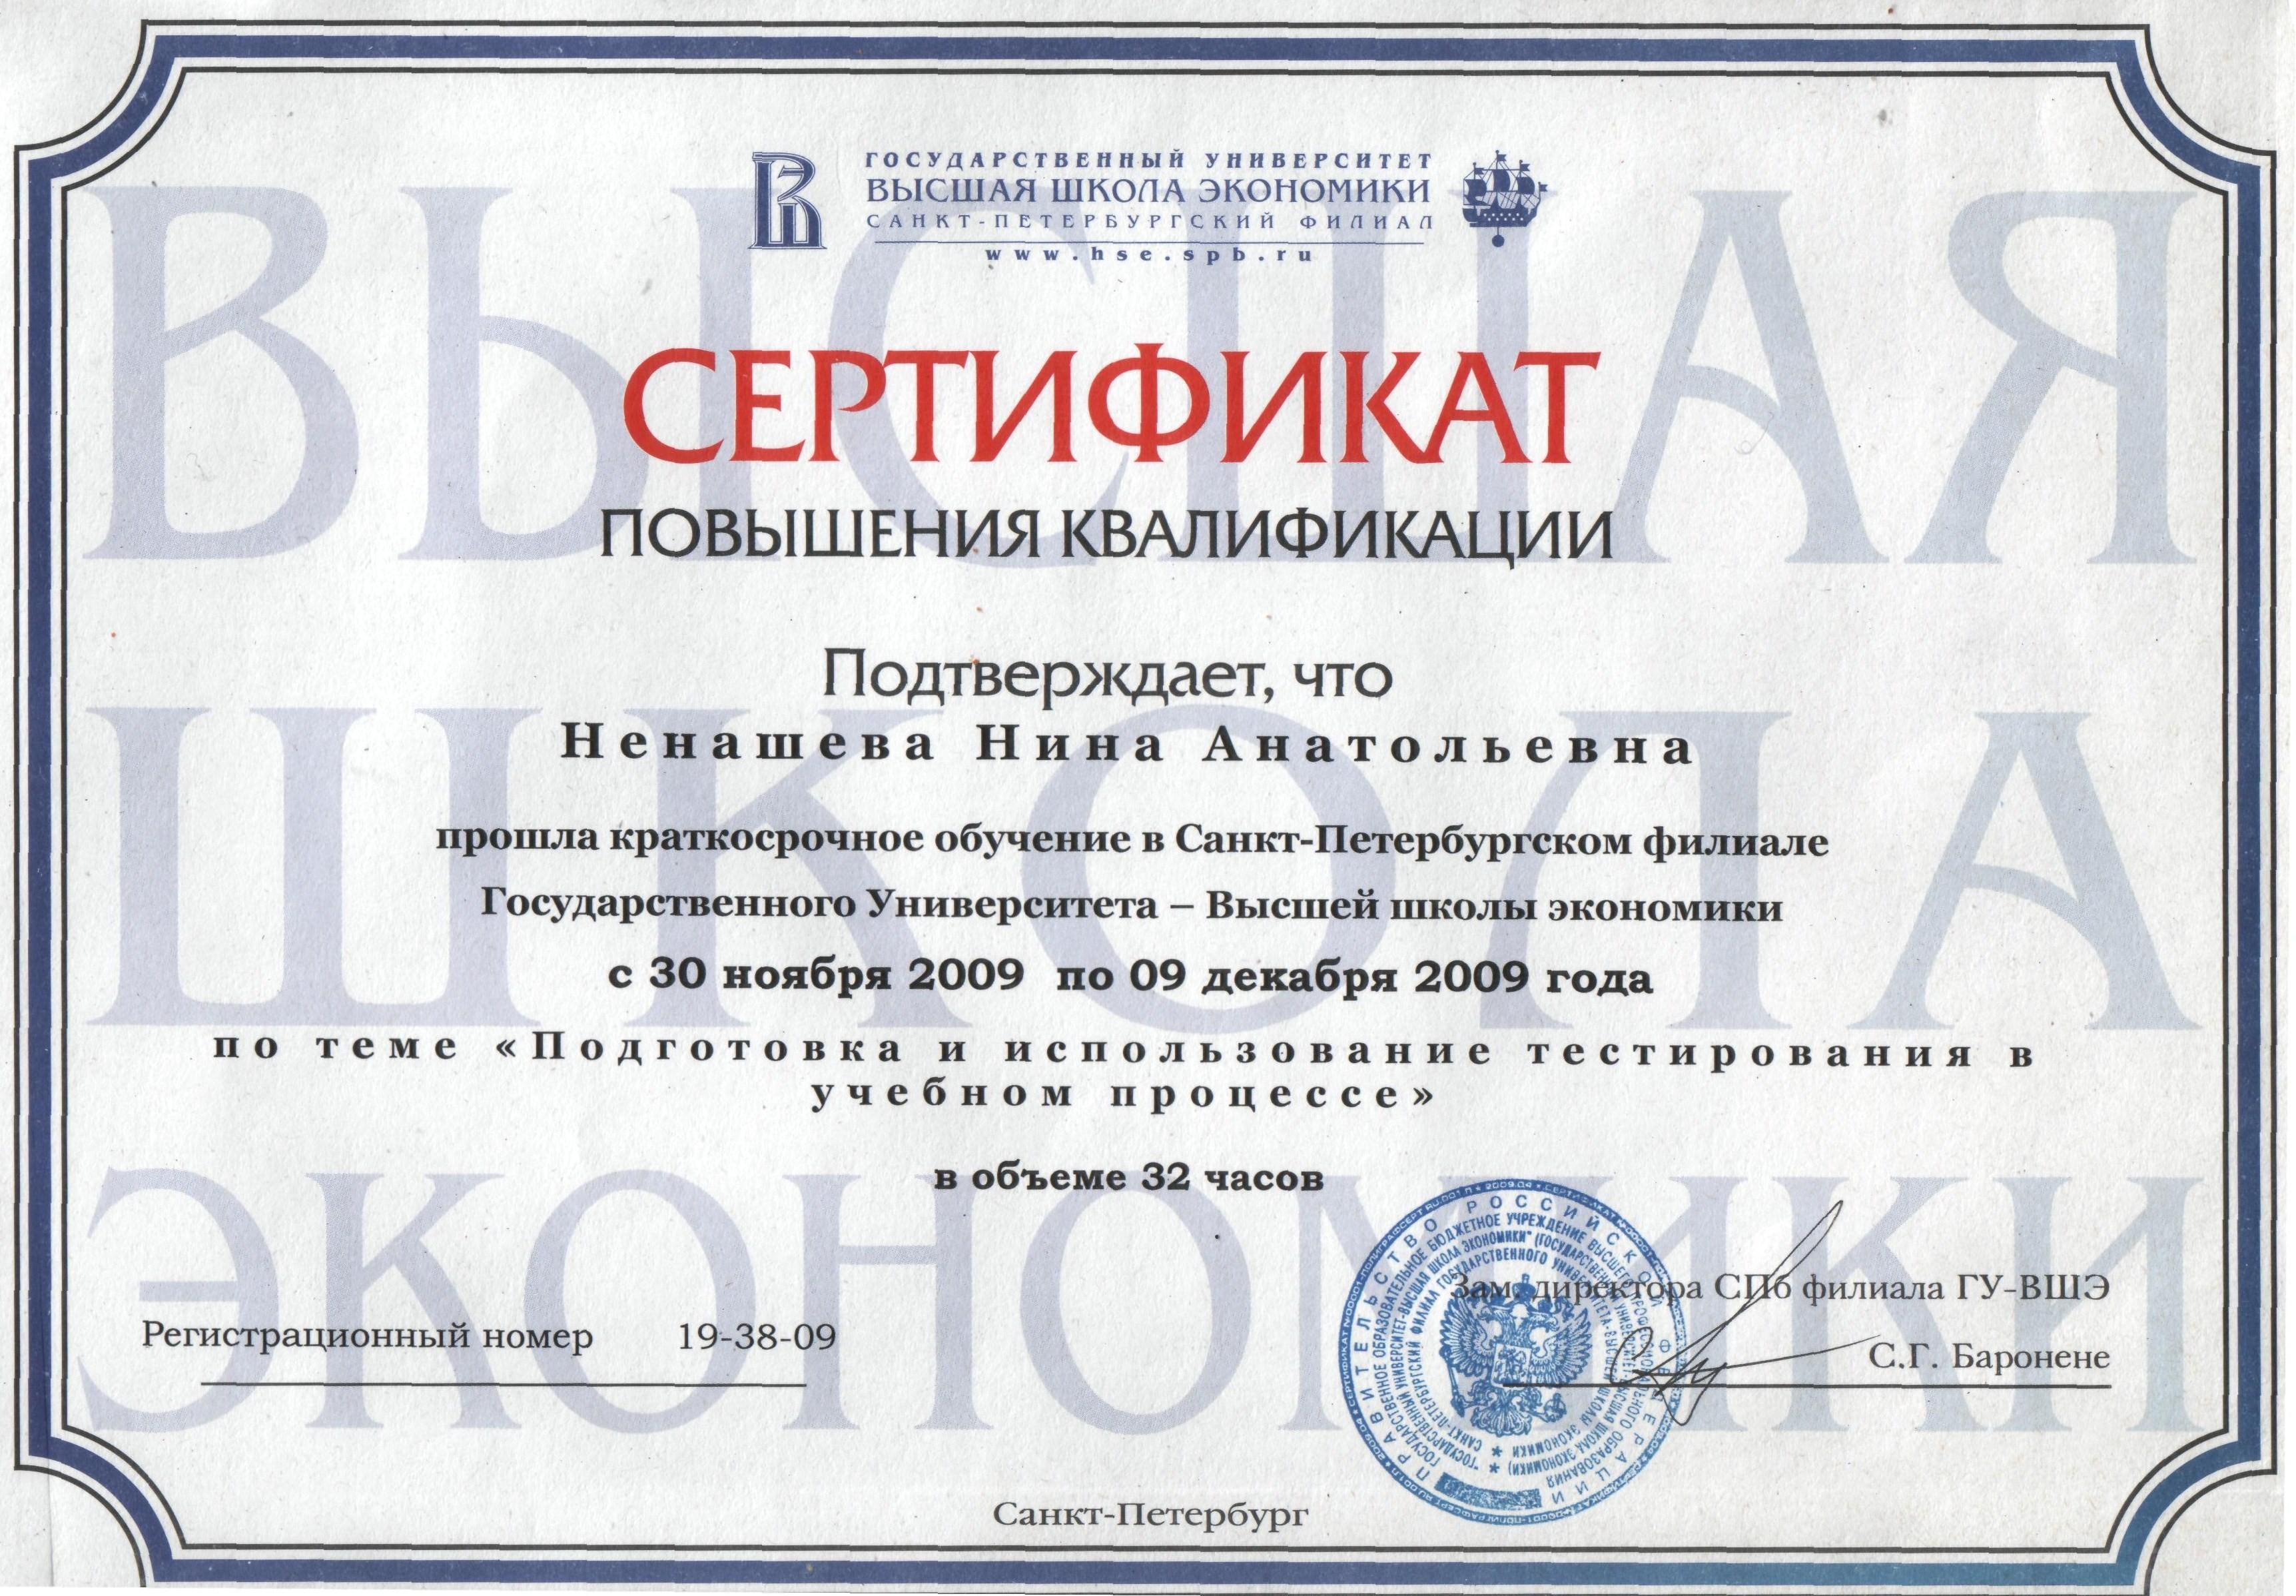 надо курсы повышения квалификации управляющий магазином Екатеринбург: Бизнес-википедия